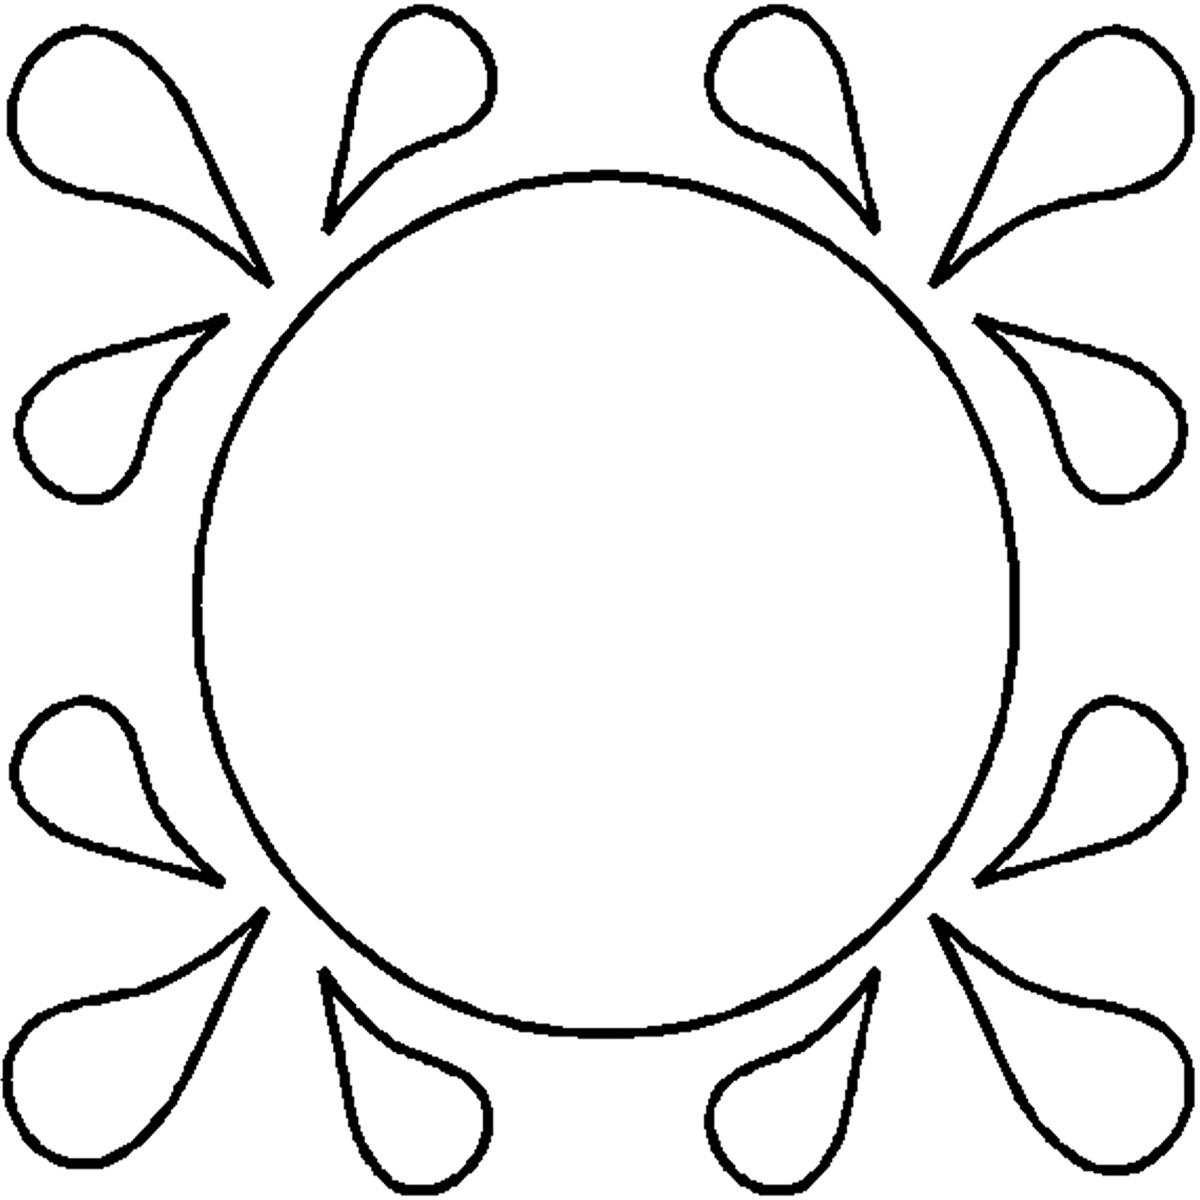 1200x1200 30333 Tear Drop Circle Full Line Stencil